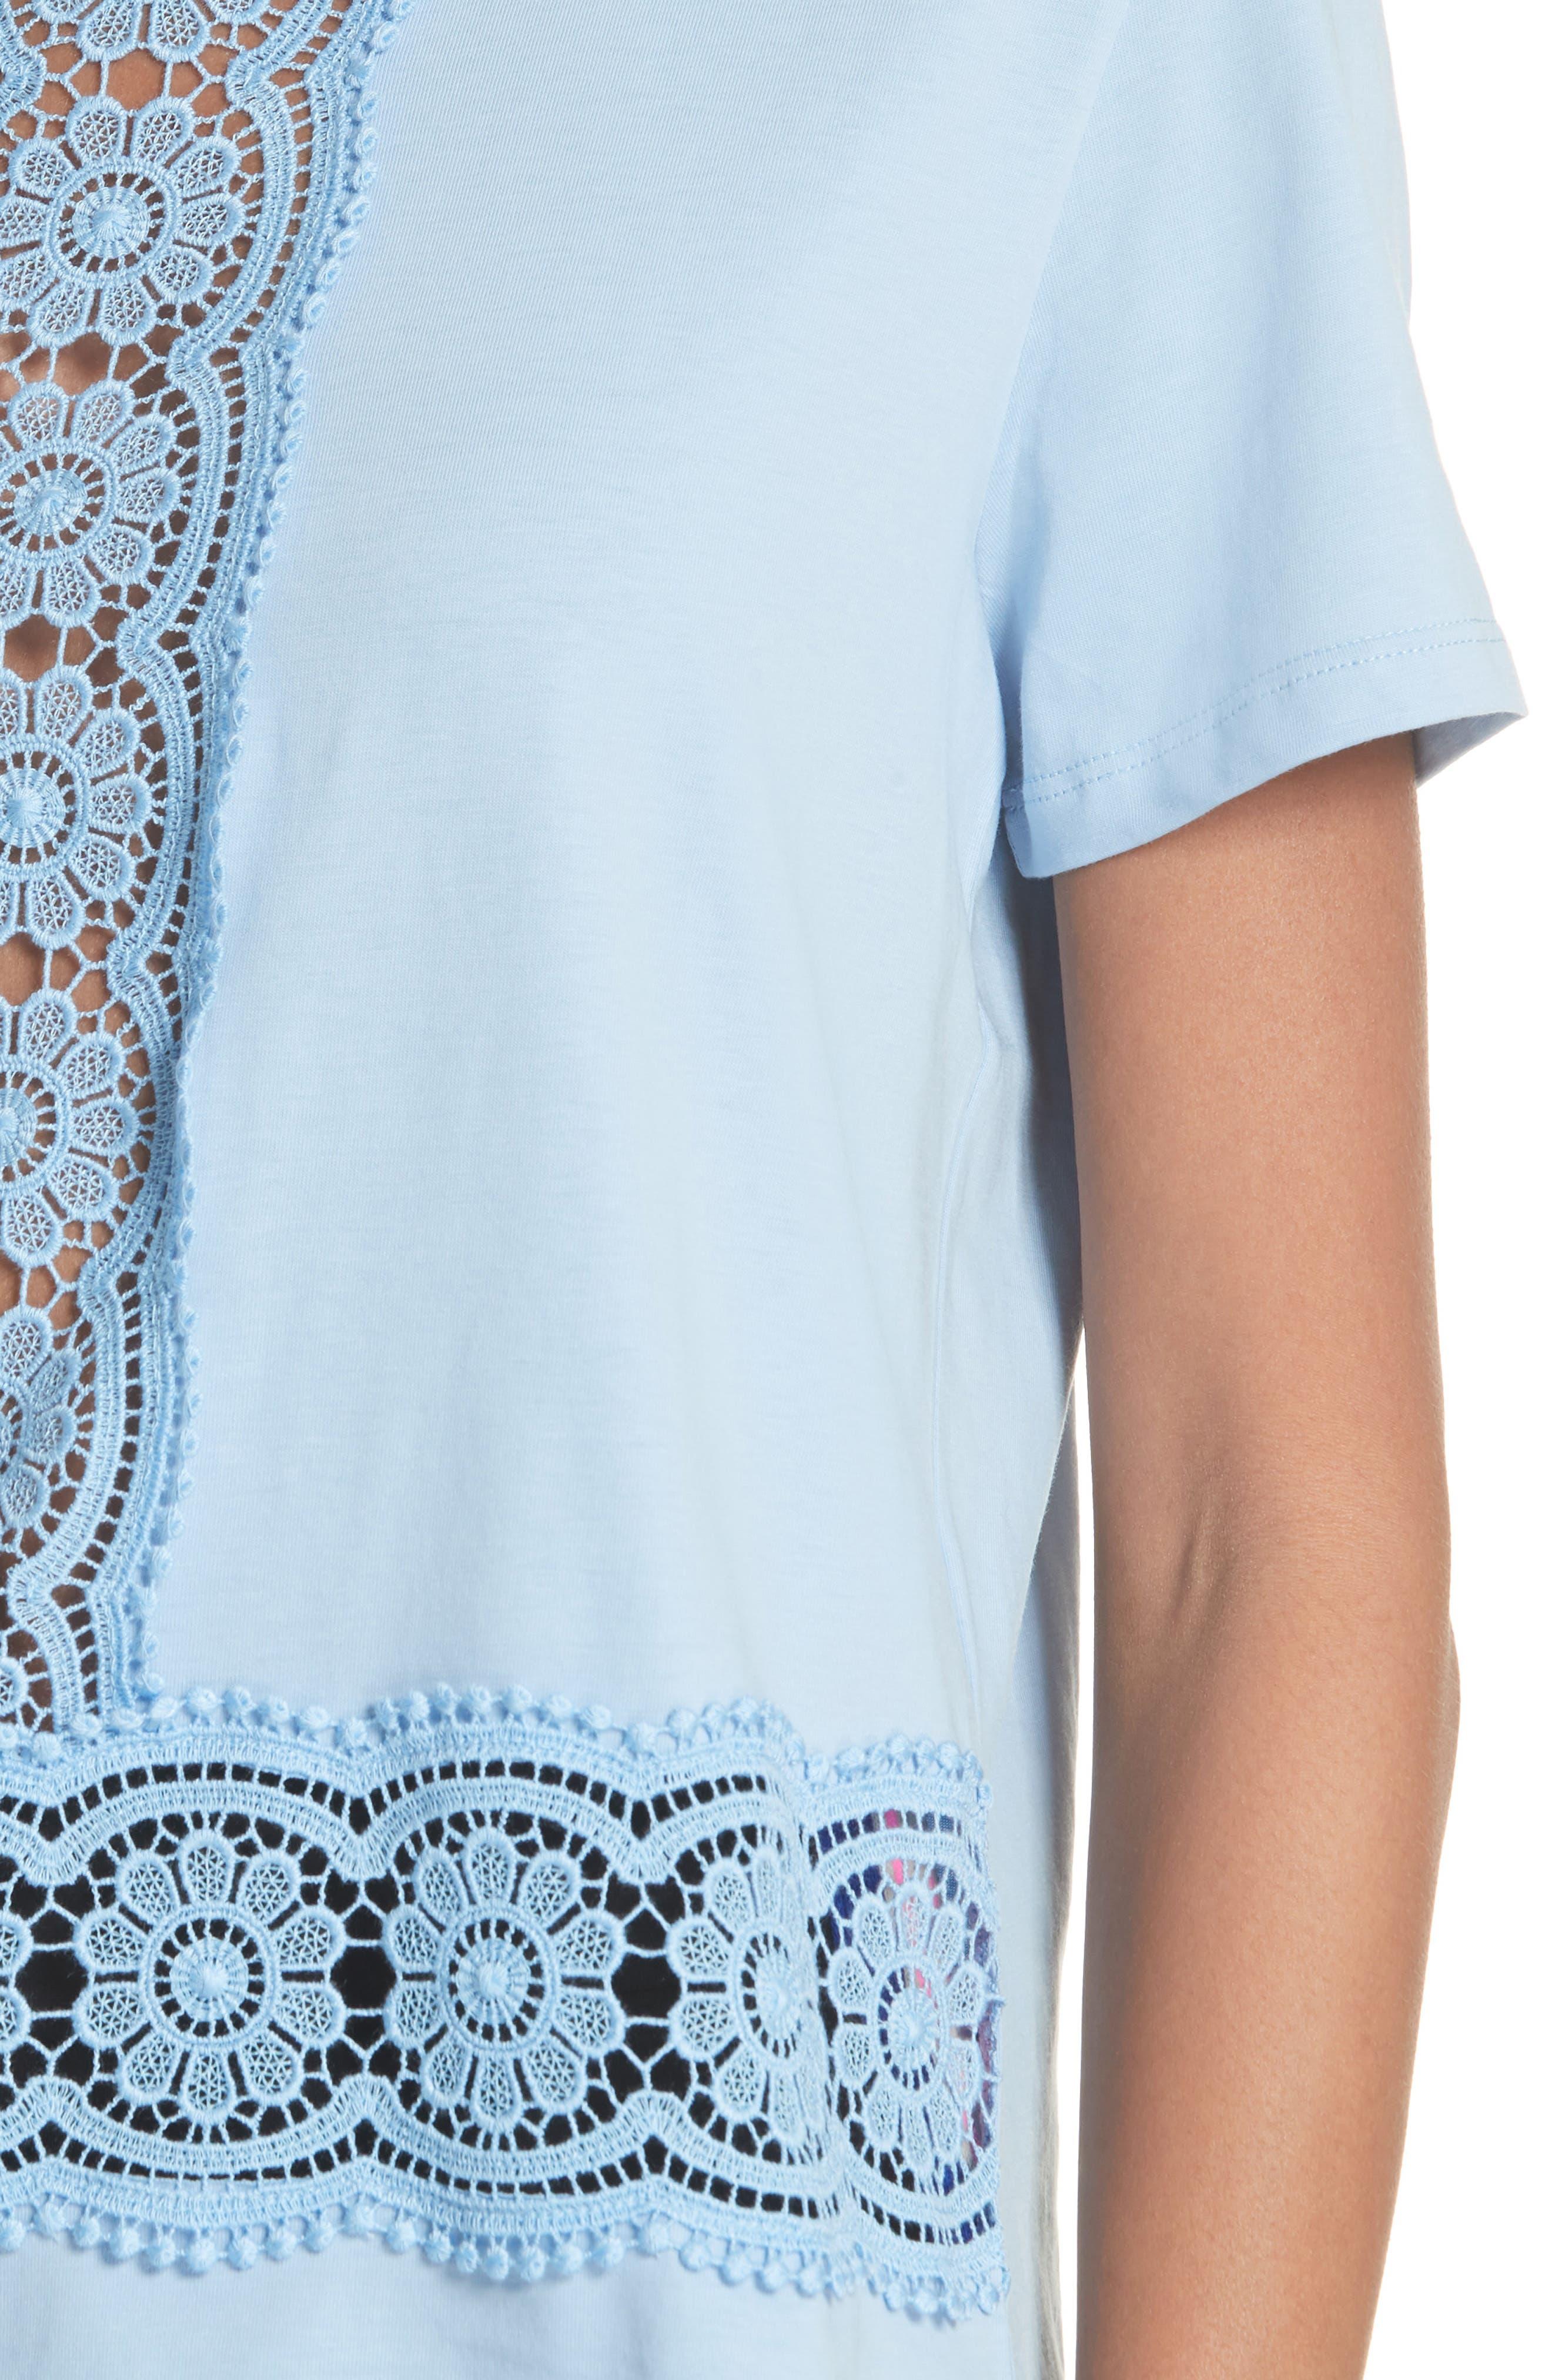 Lace Inset Cotton Top,                             Alternate thumbnail 4, color,                             Bleu Ciel